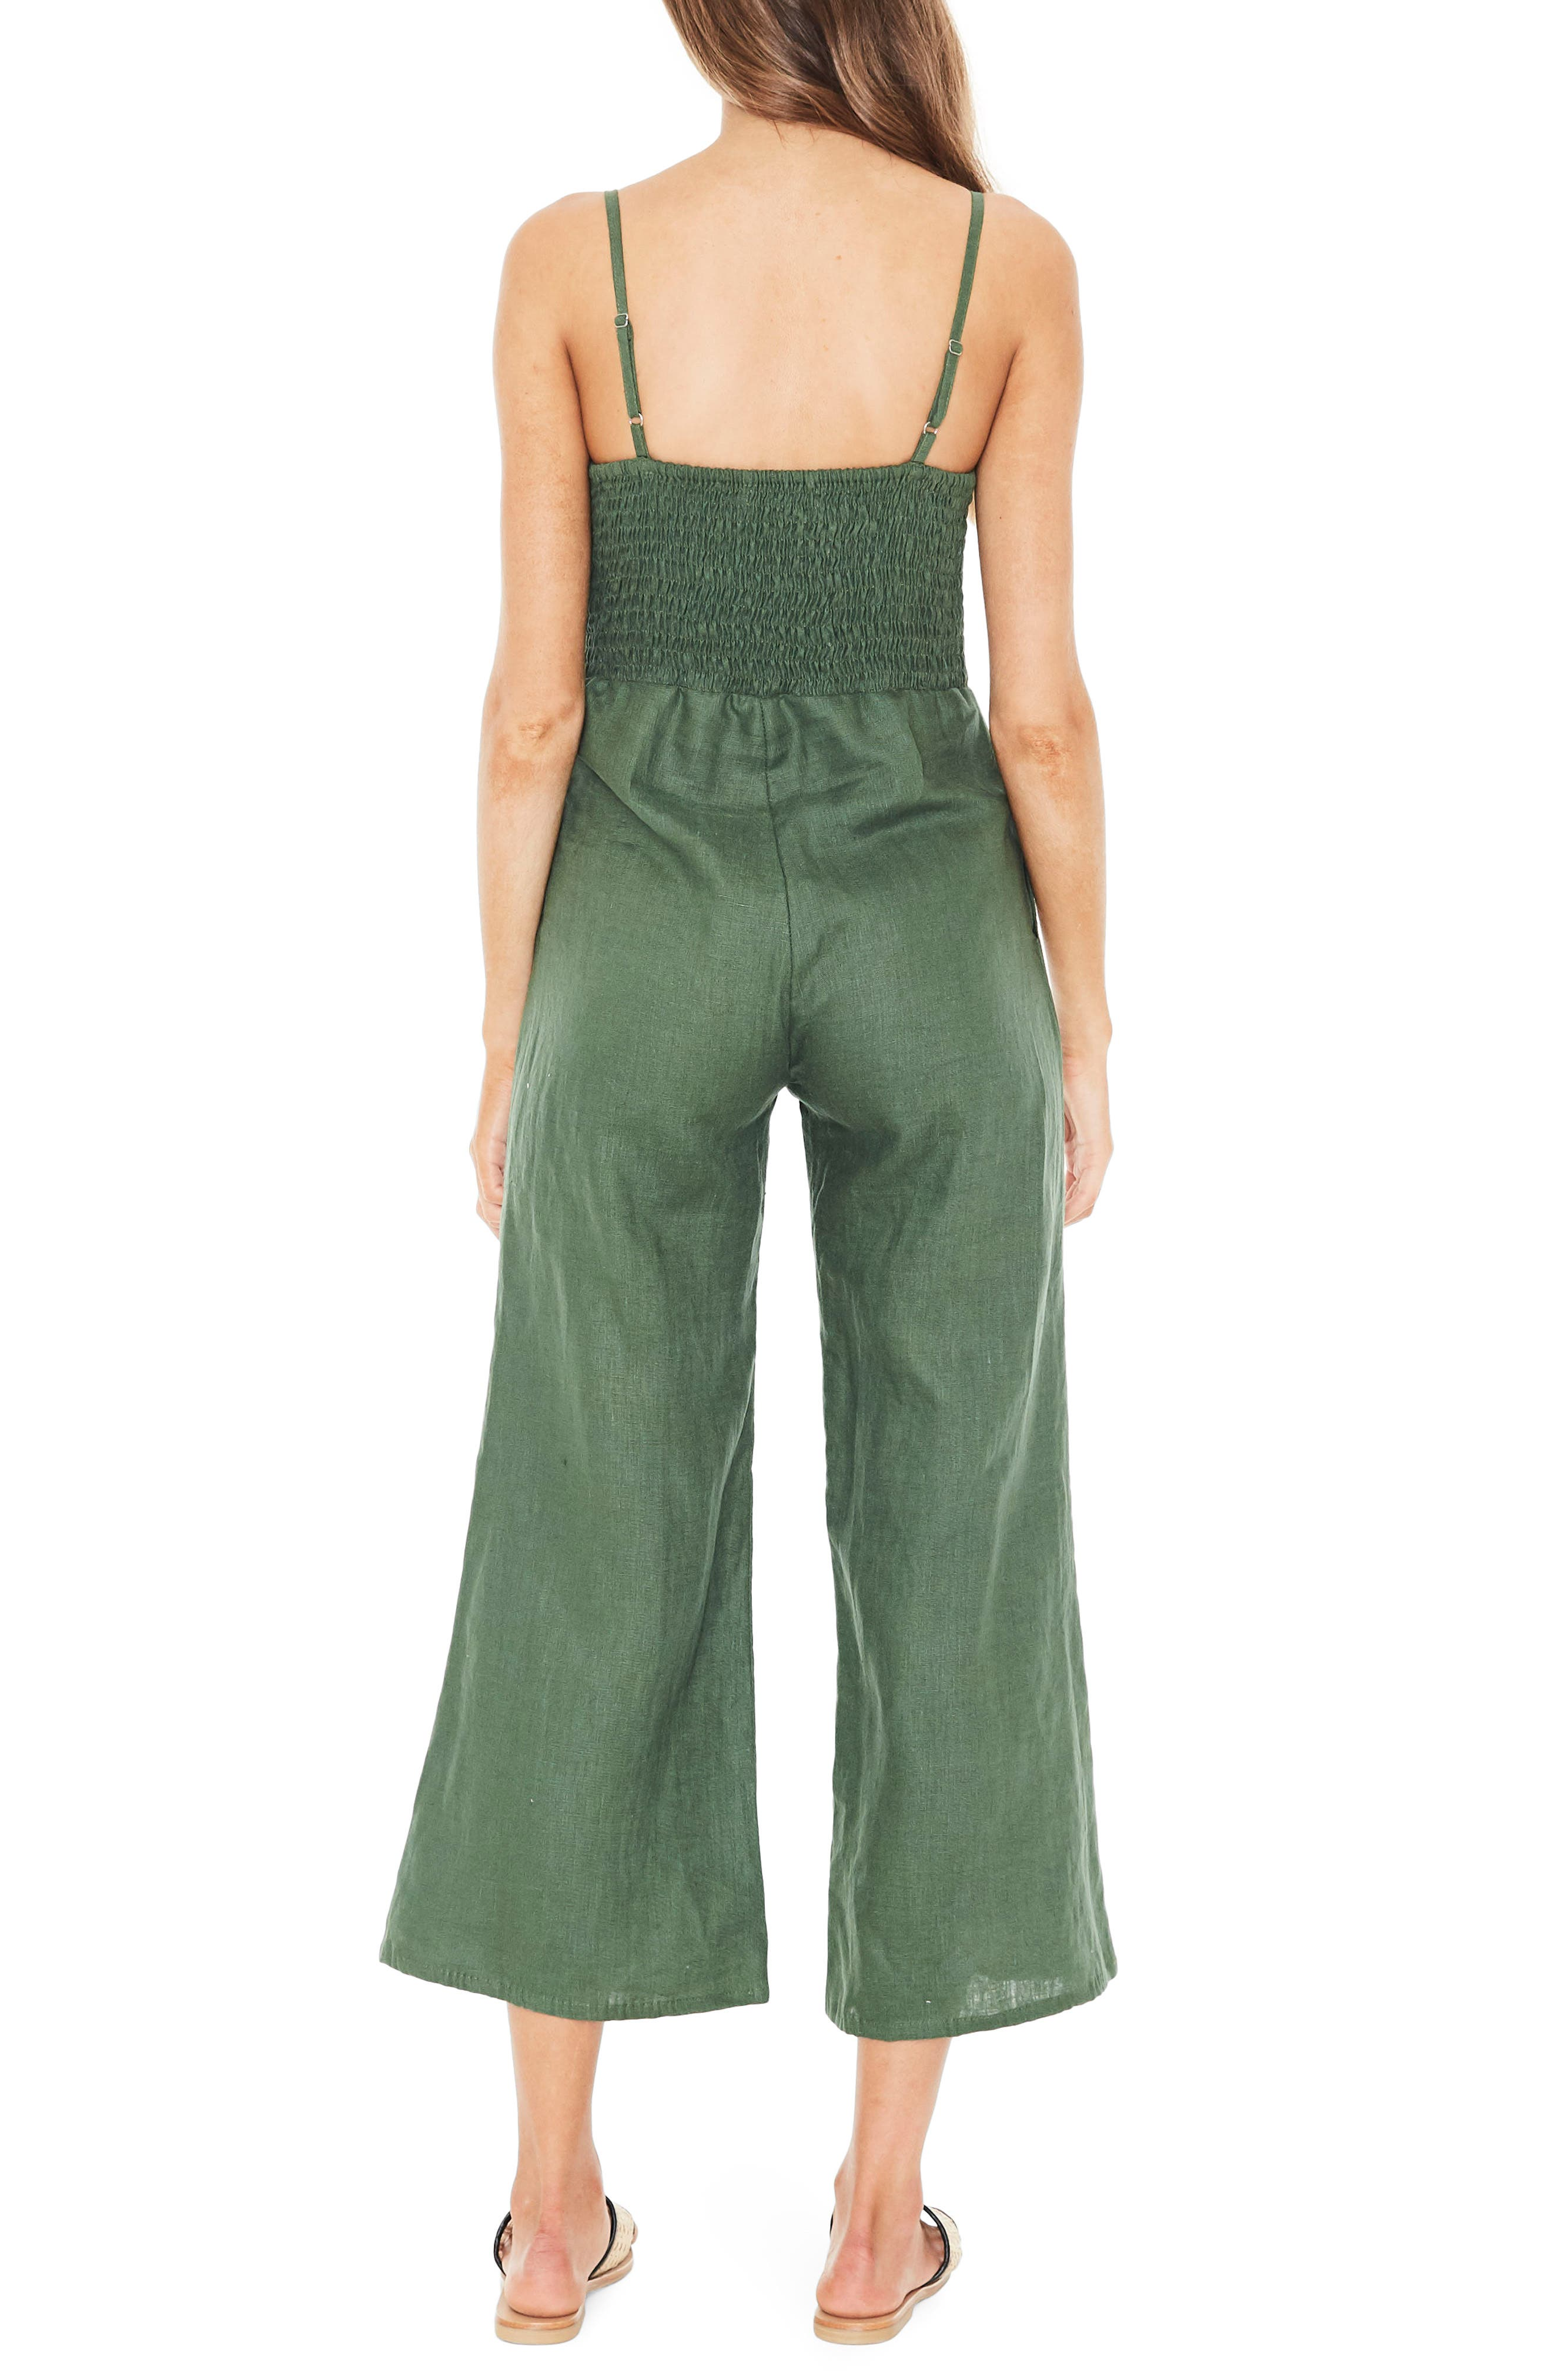 Presley Linen Jumpsuit,                             Alternate thumbnail 2, color,                             PLAIN MOSS GREEN